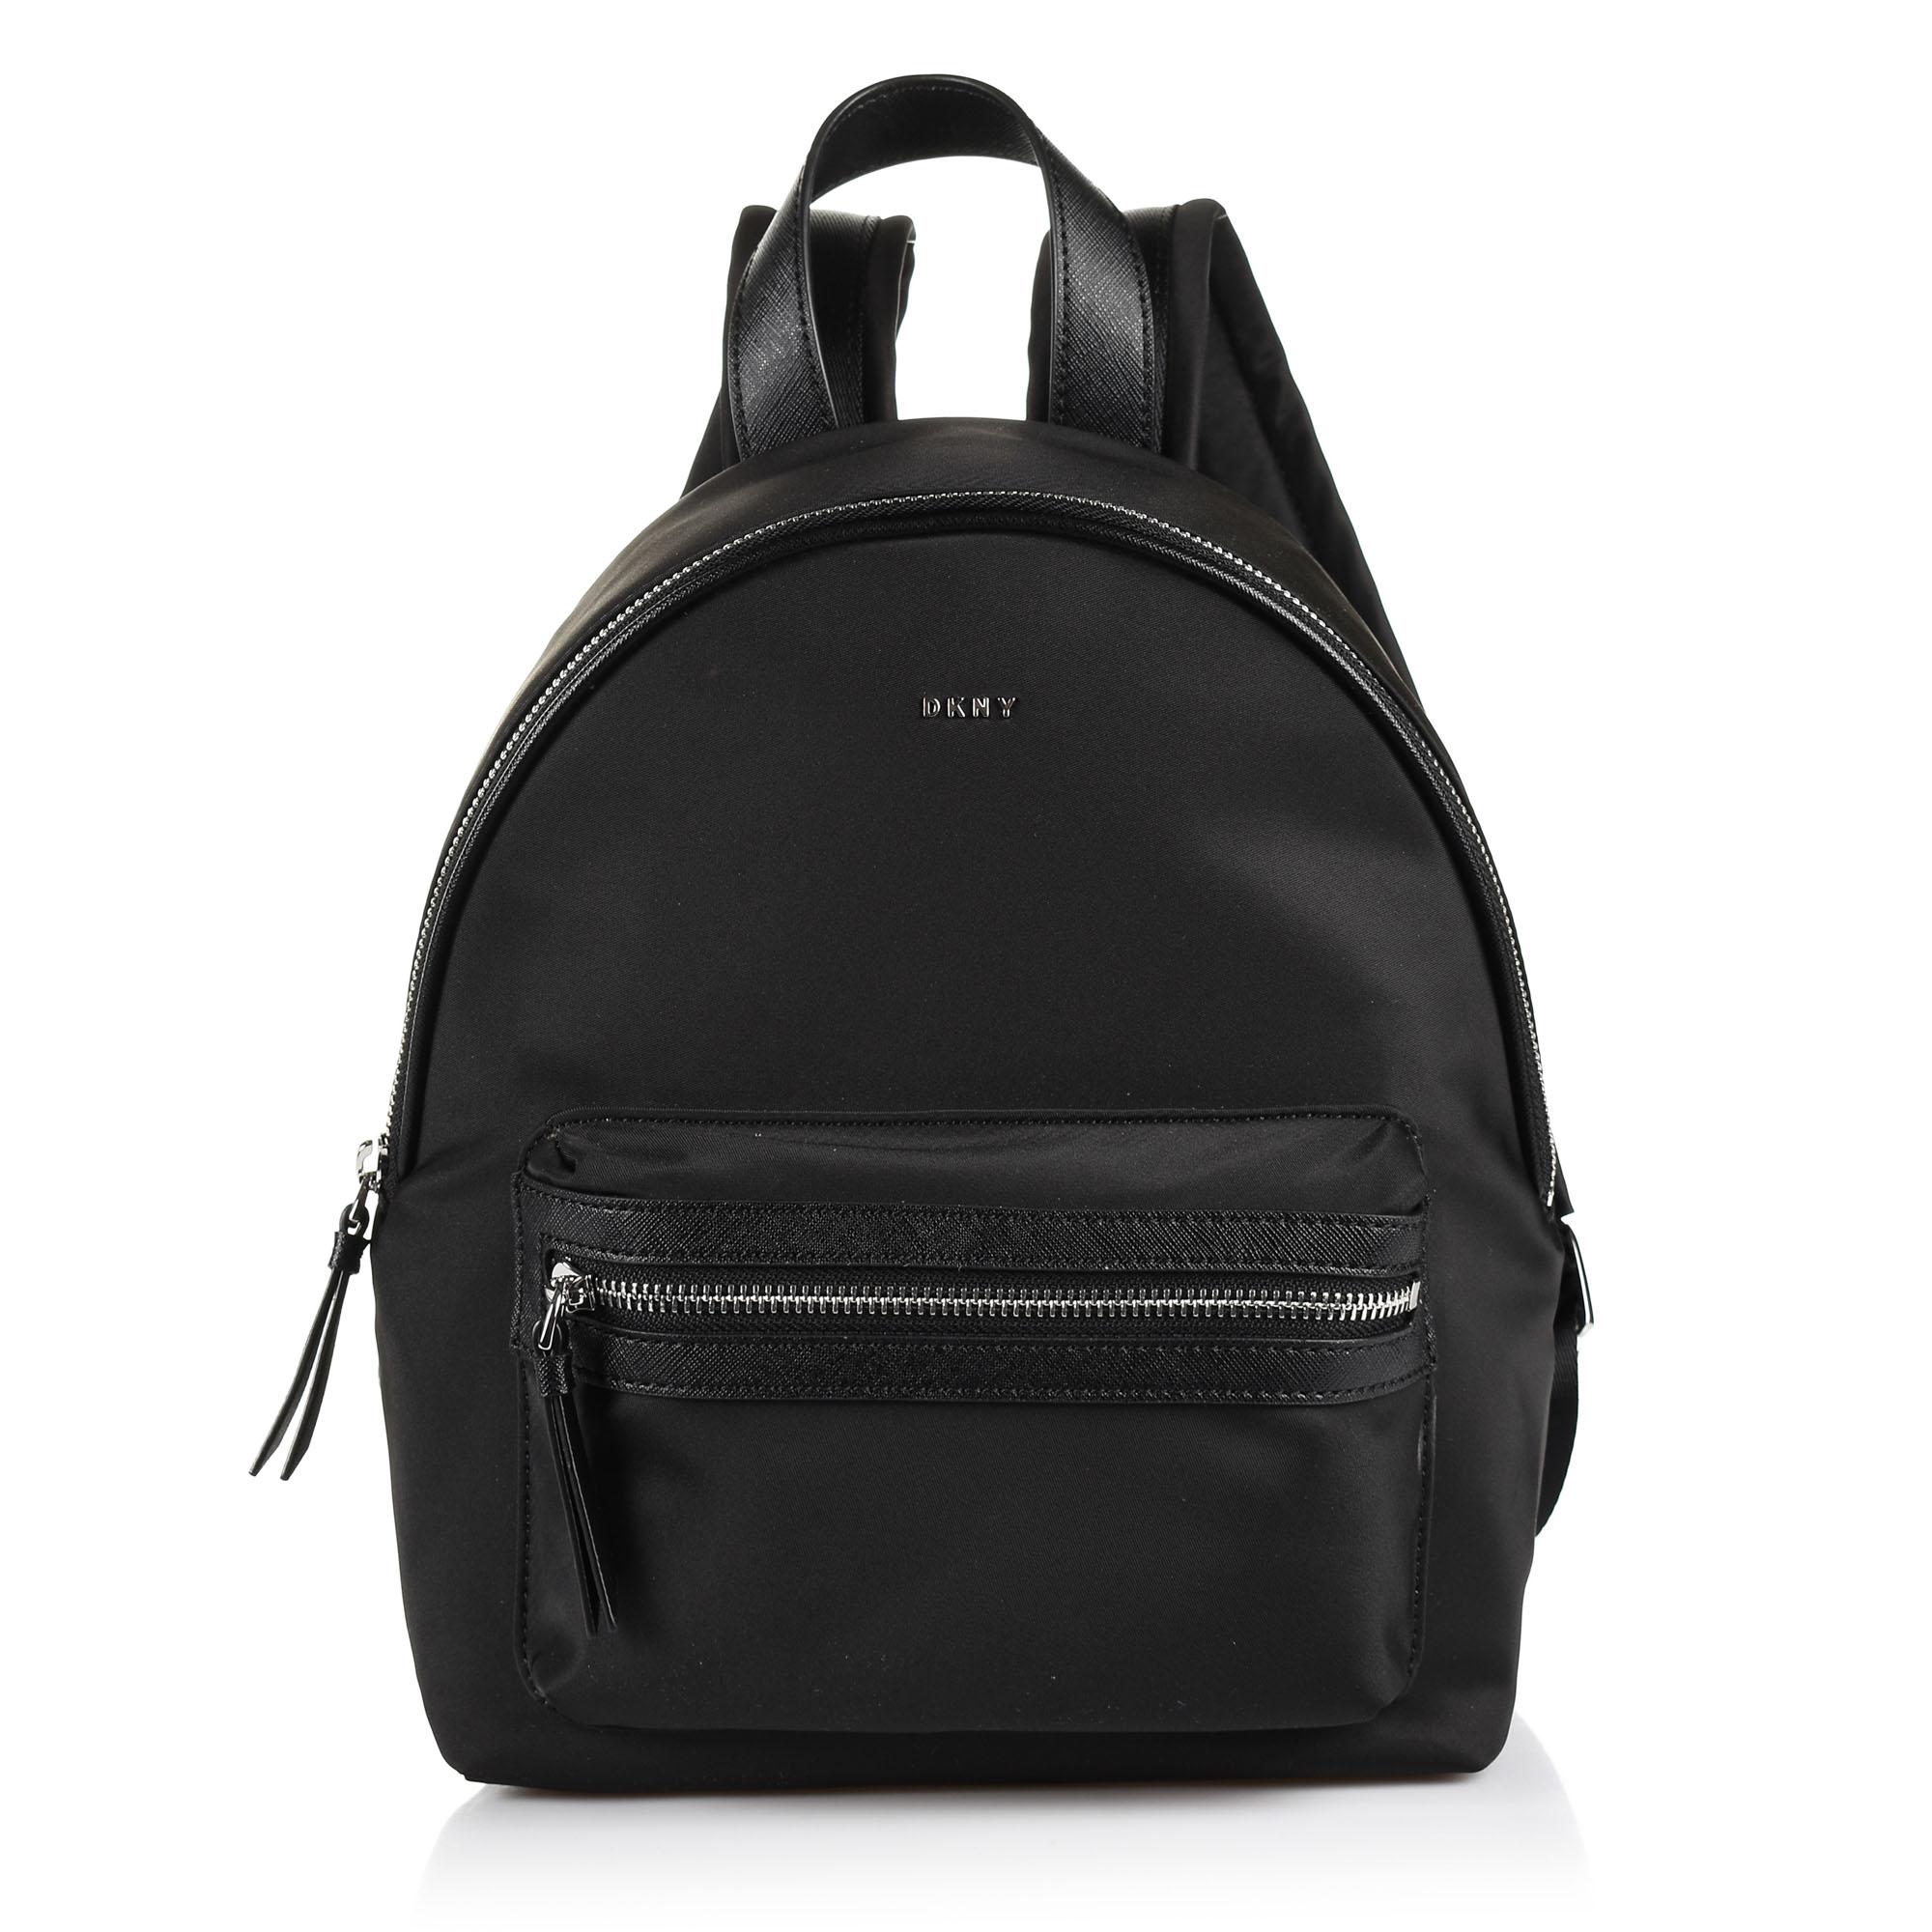 Σακίδιο Πλάτης DKNY Casey Med Backpack R81KE592